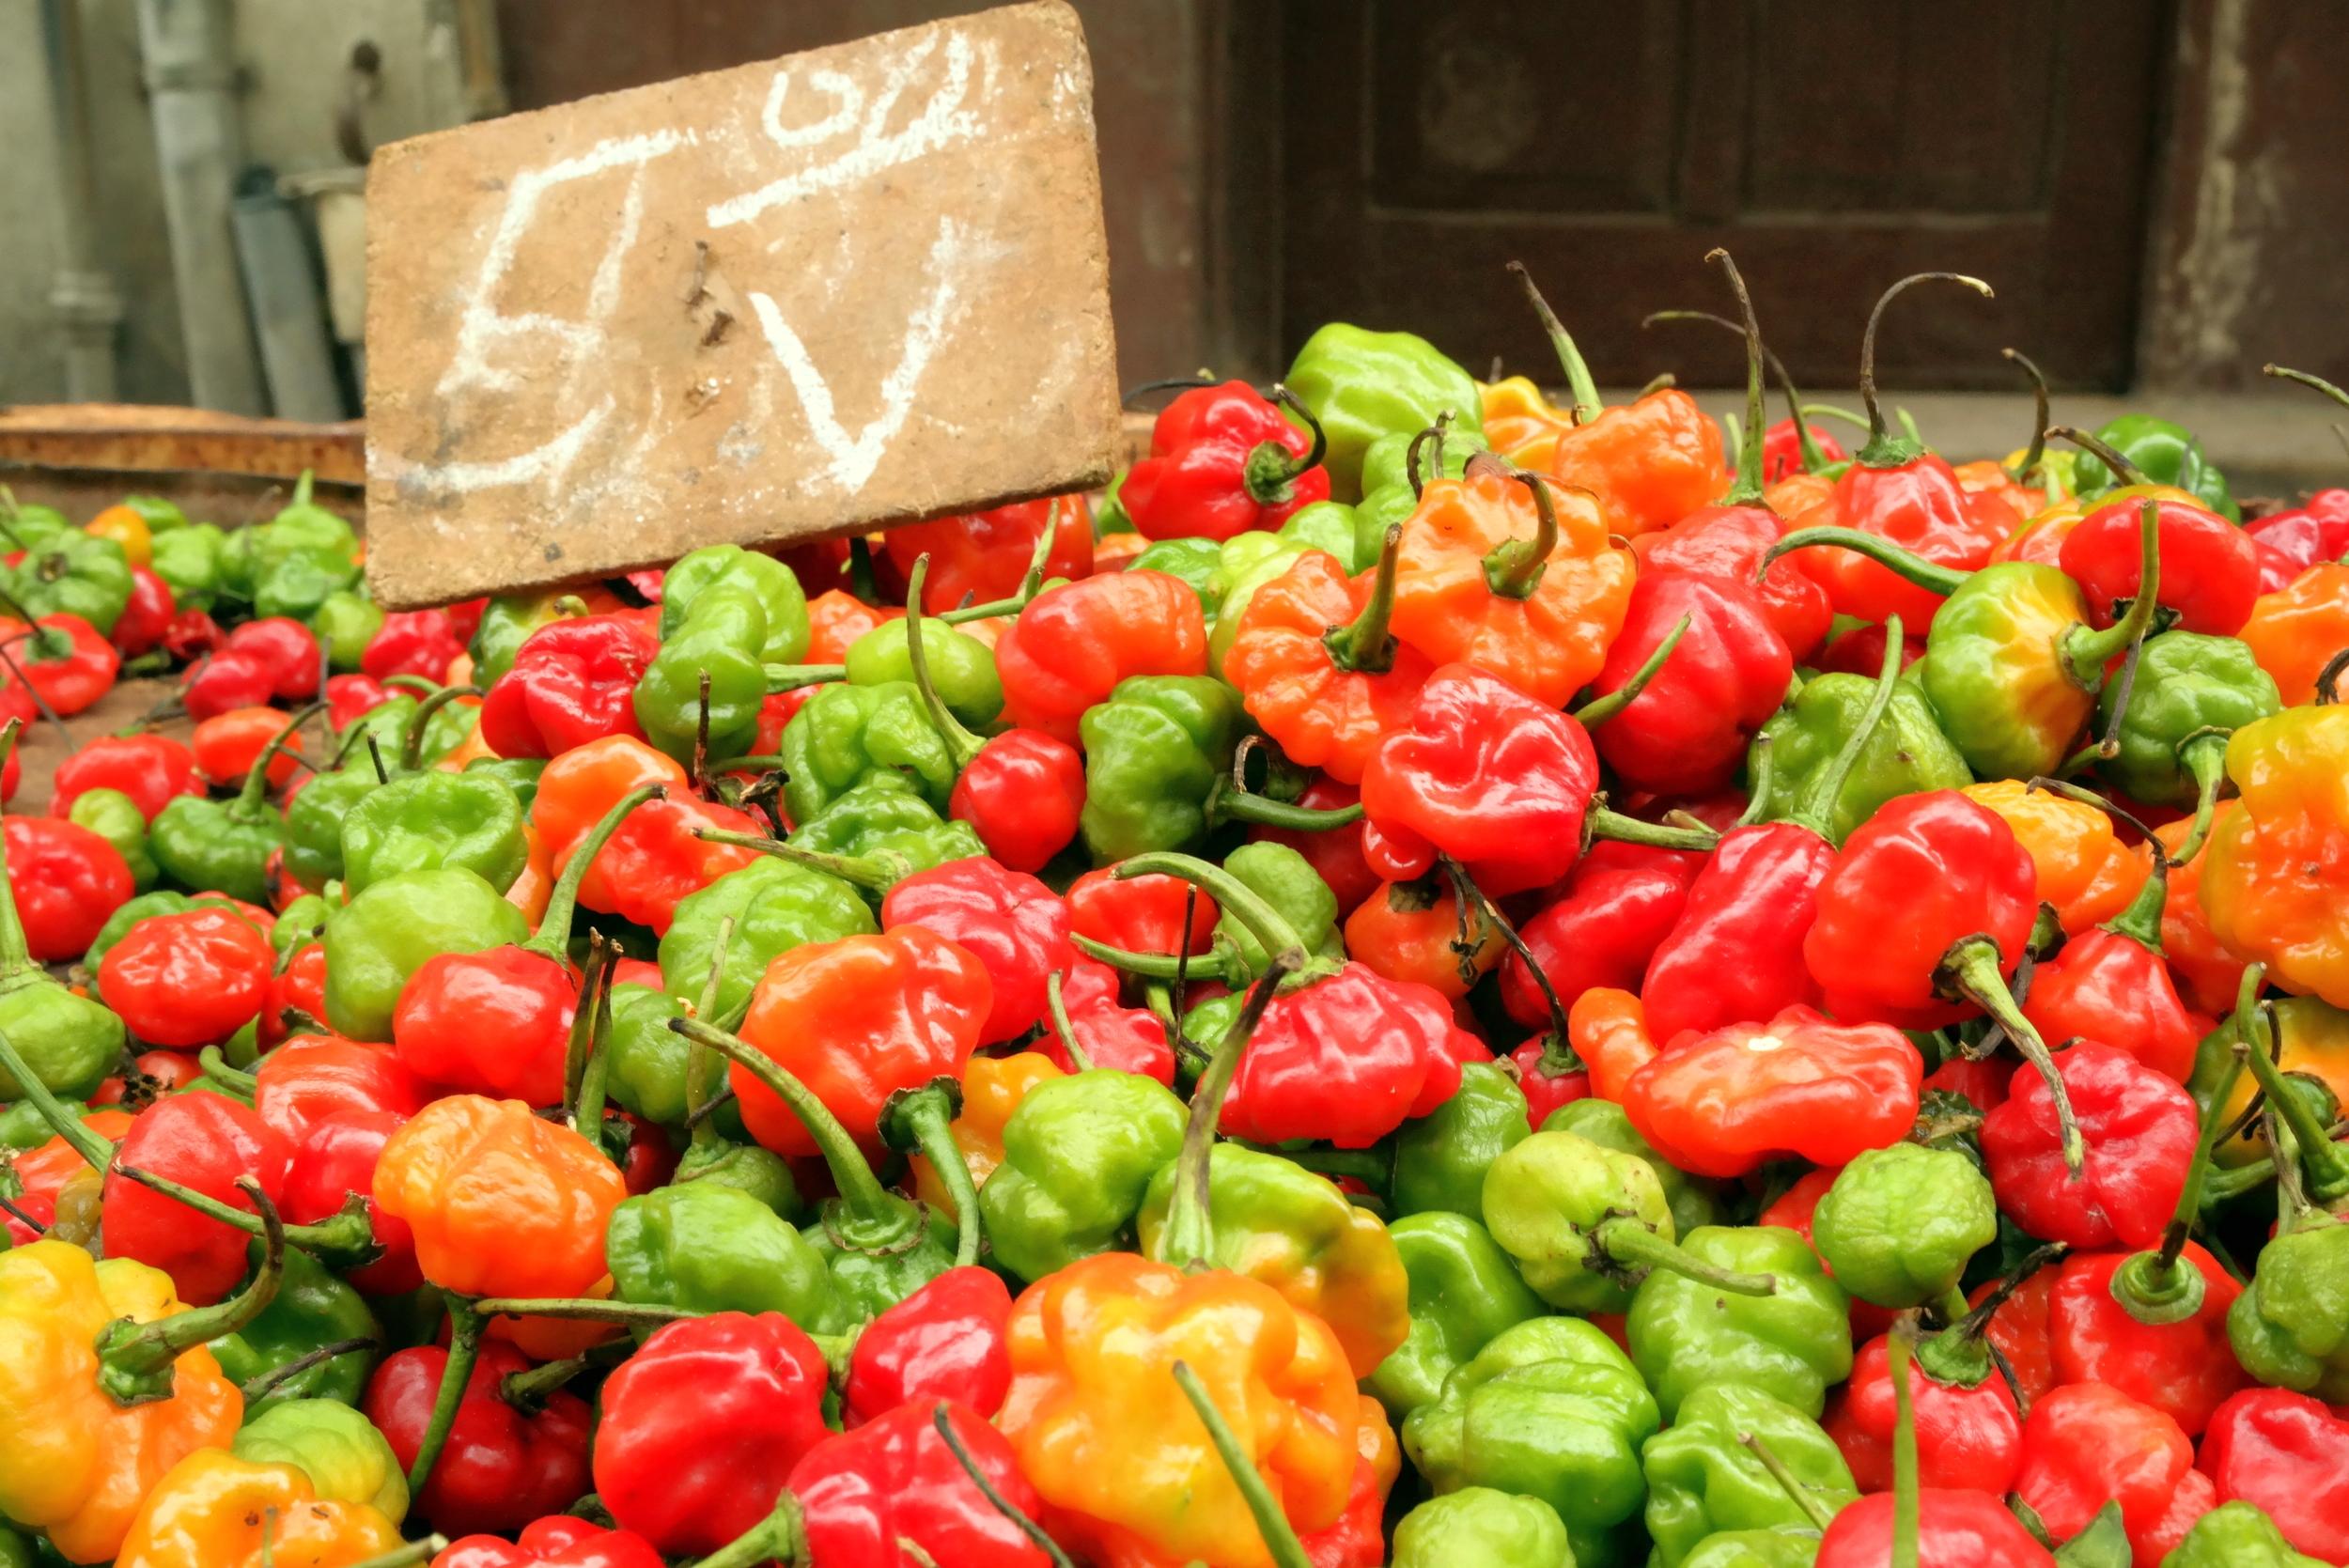 Mat på lokala marknader kostar olika, beroende på vem du är och vilken valuta du handlar med.